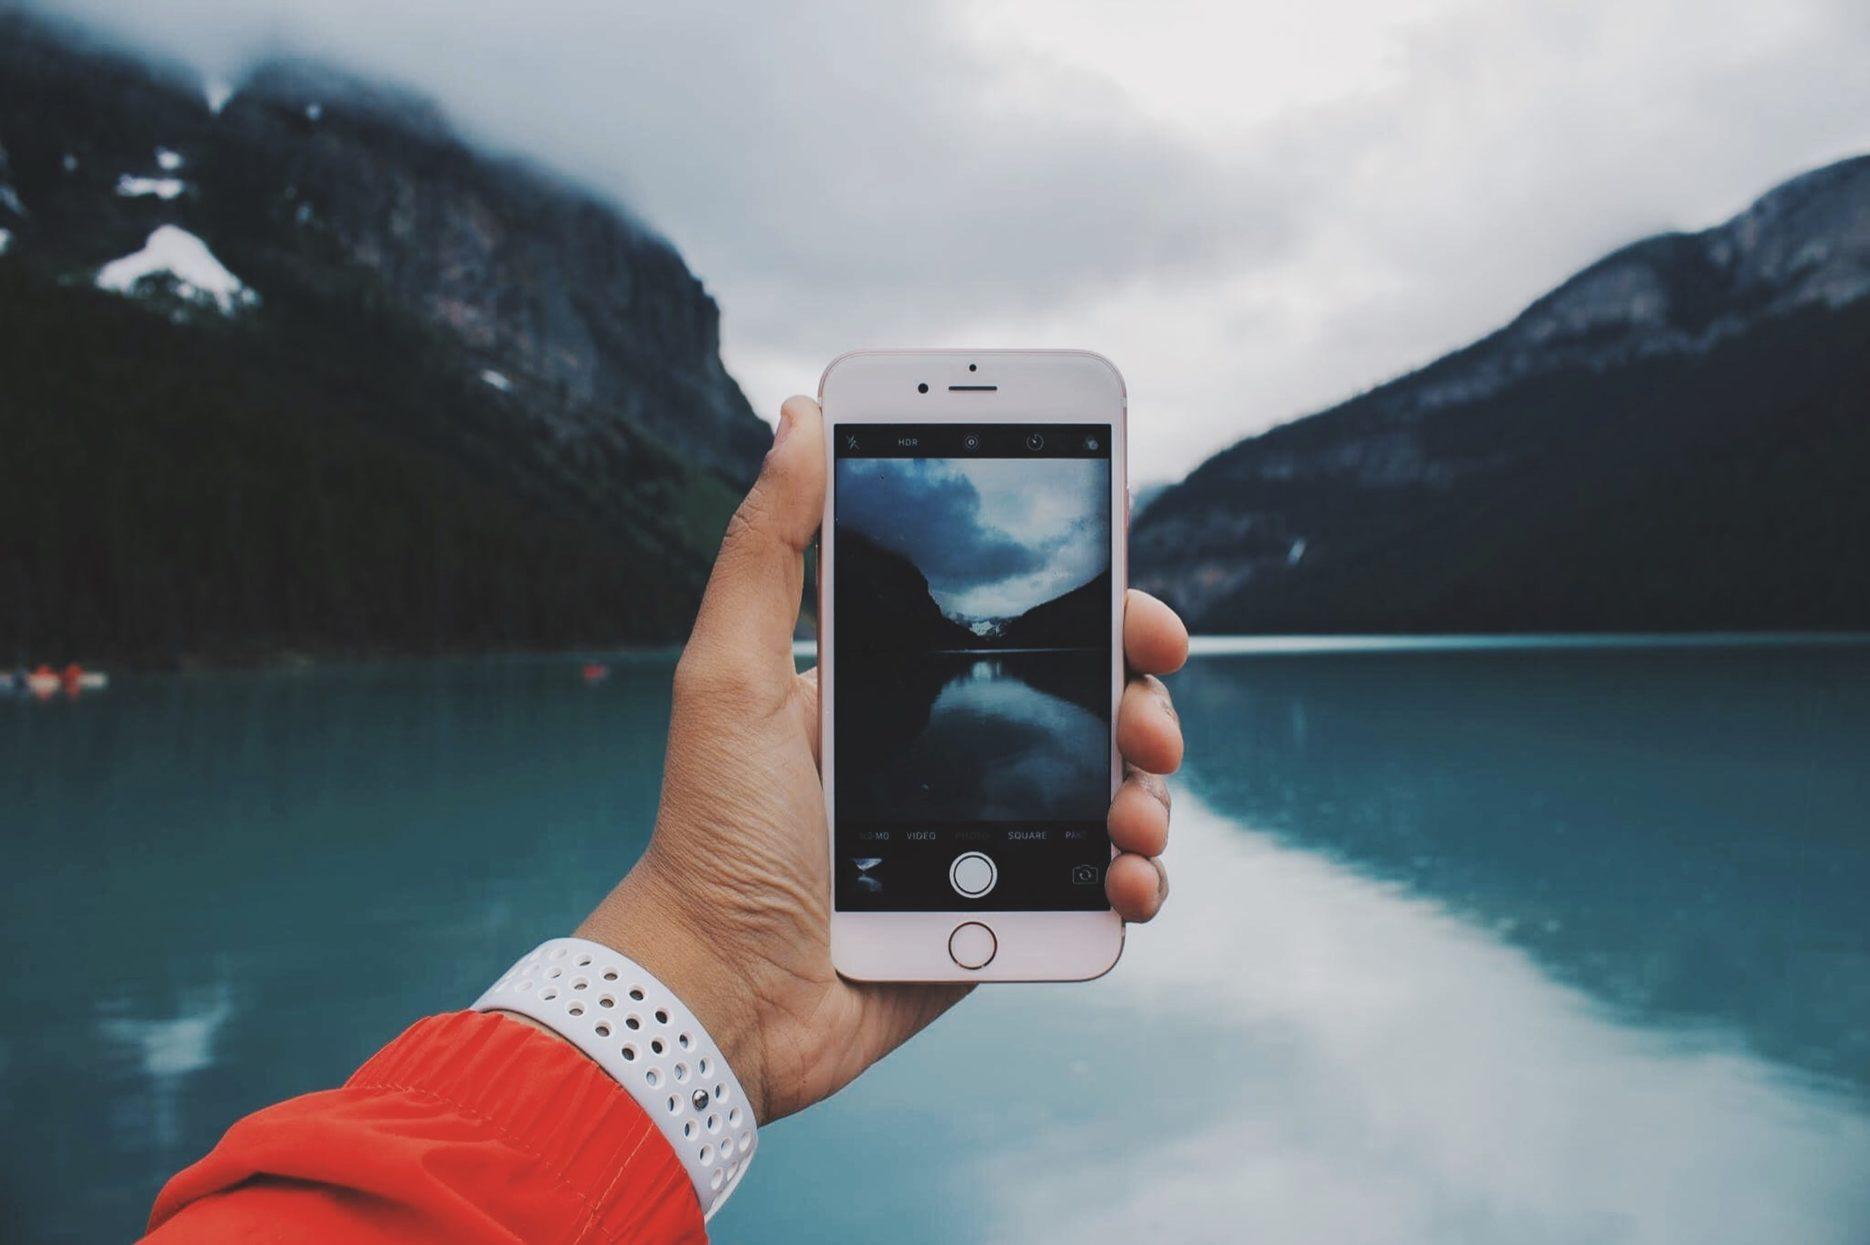 iPhone. Credit: Unsplash